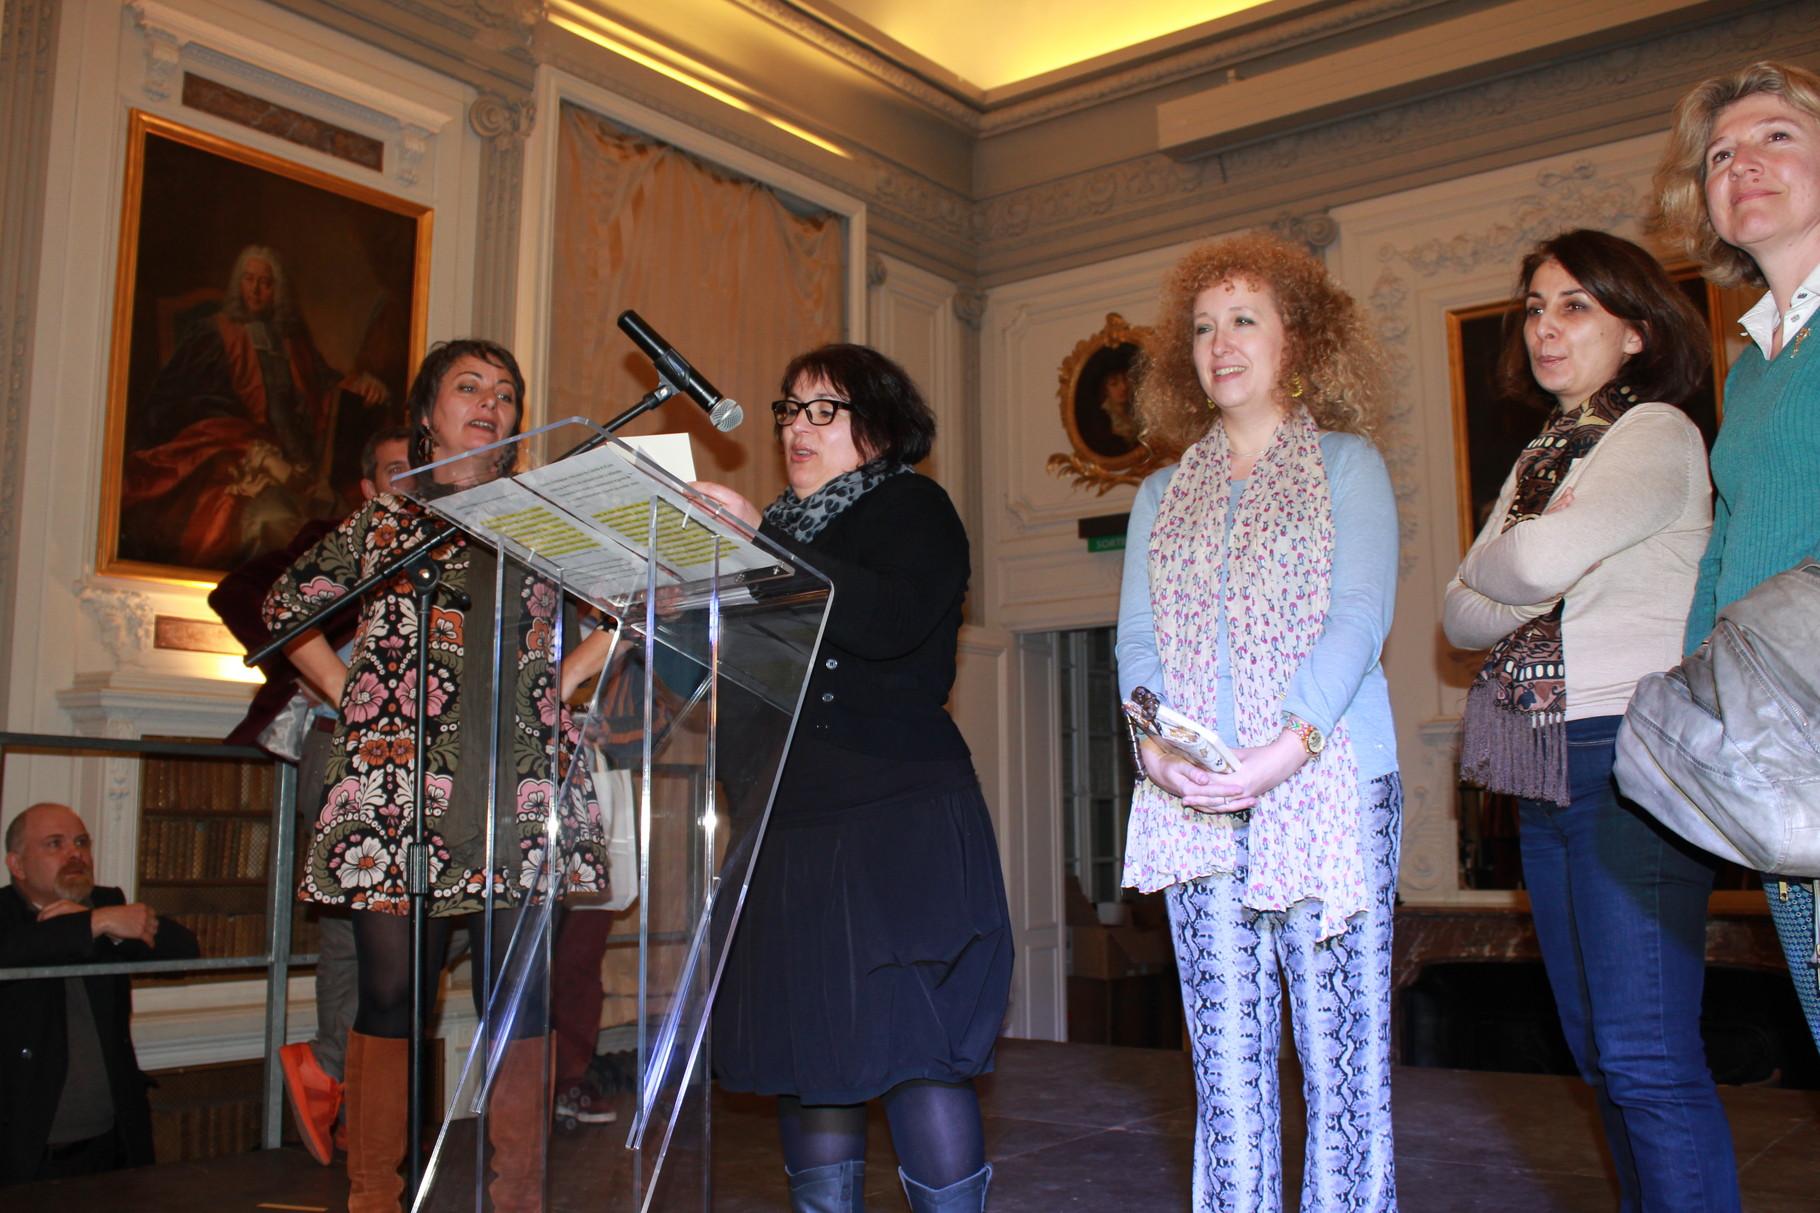 Annonce du 2ème Prix de la Nouvelle Humoristique 2016 par Céline Santran (écrivain) et Anita Berchenko (éditrice)